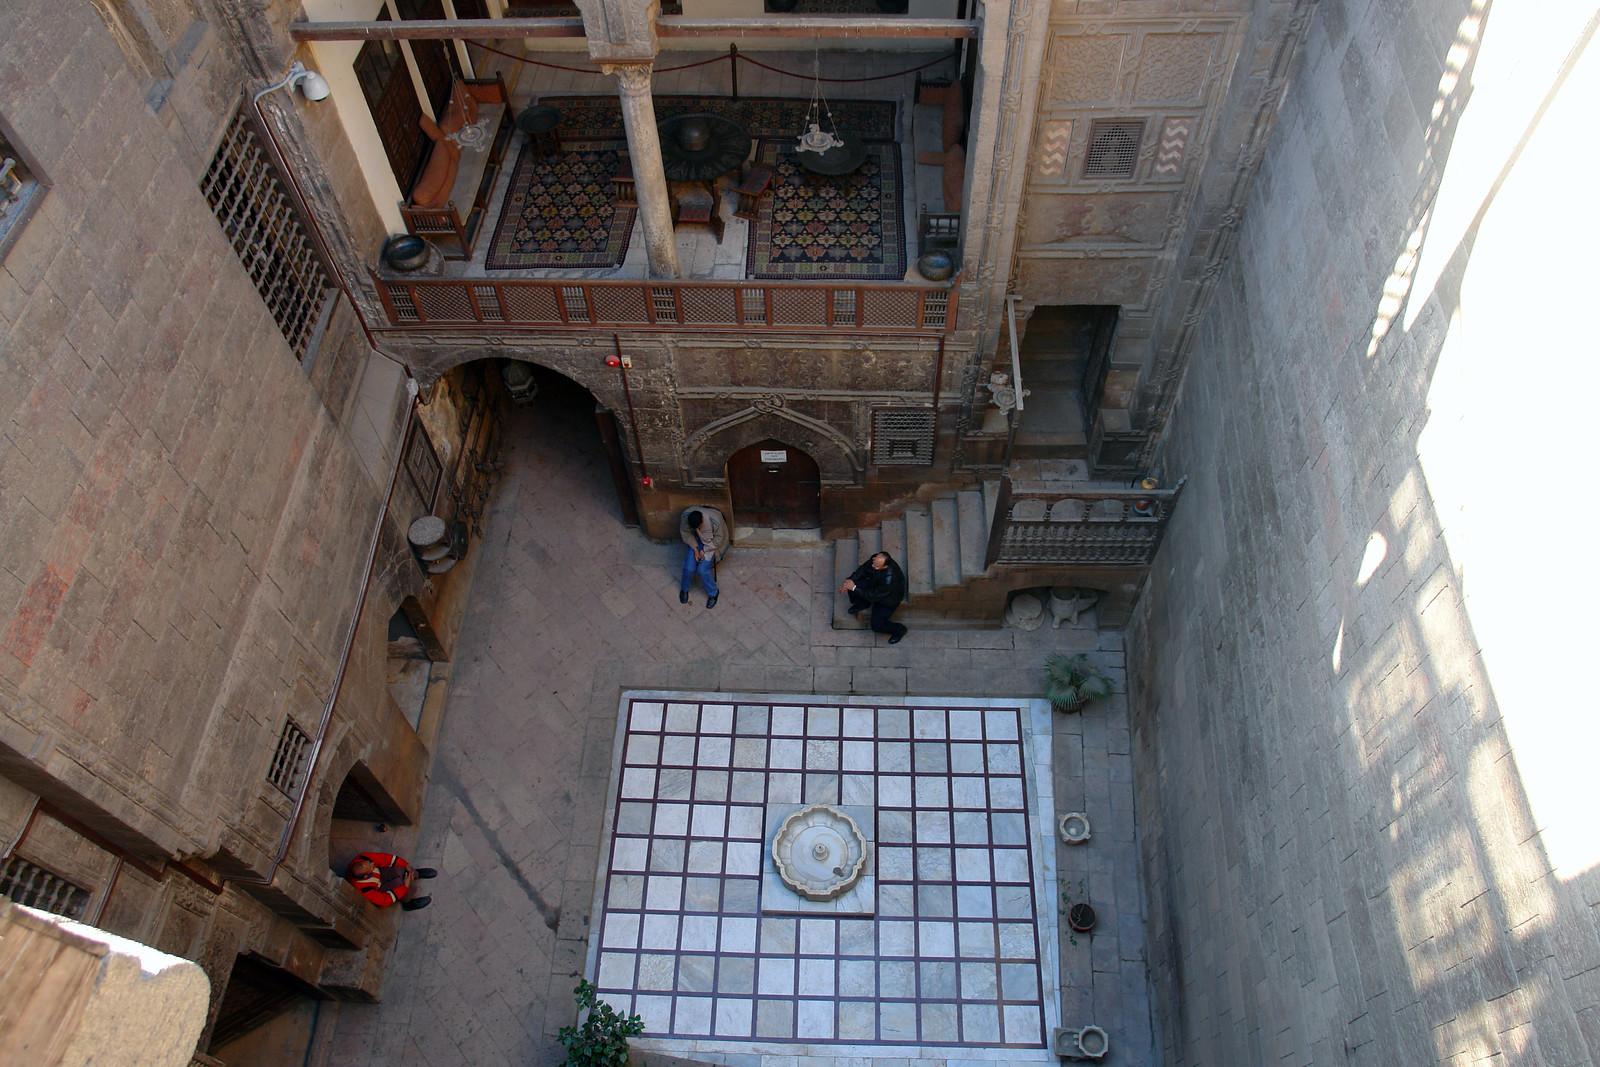 Qué ver en El Cairo, Egipto lugares que visitar en el cairo - 26122607237 7d43d2ca03 h - 10+1 lugares que visitar en El Cairo